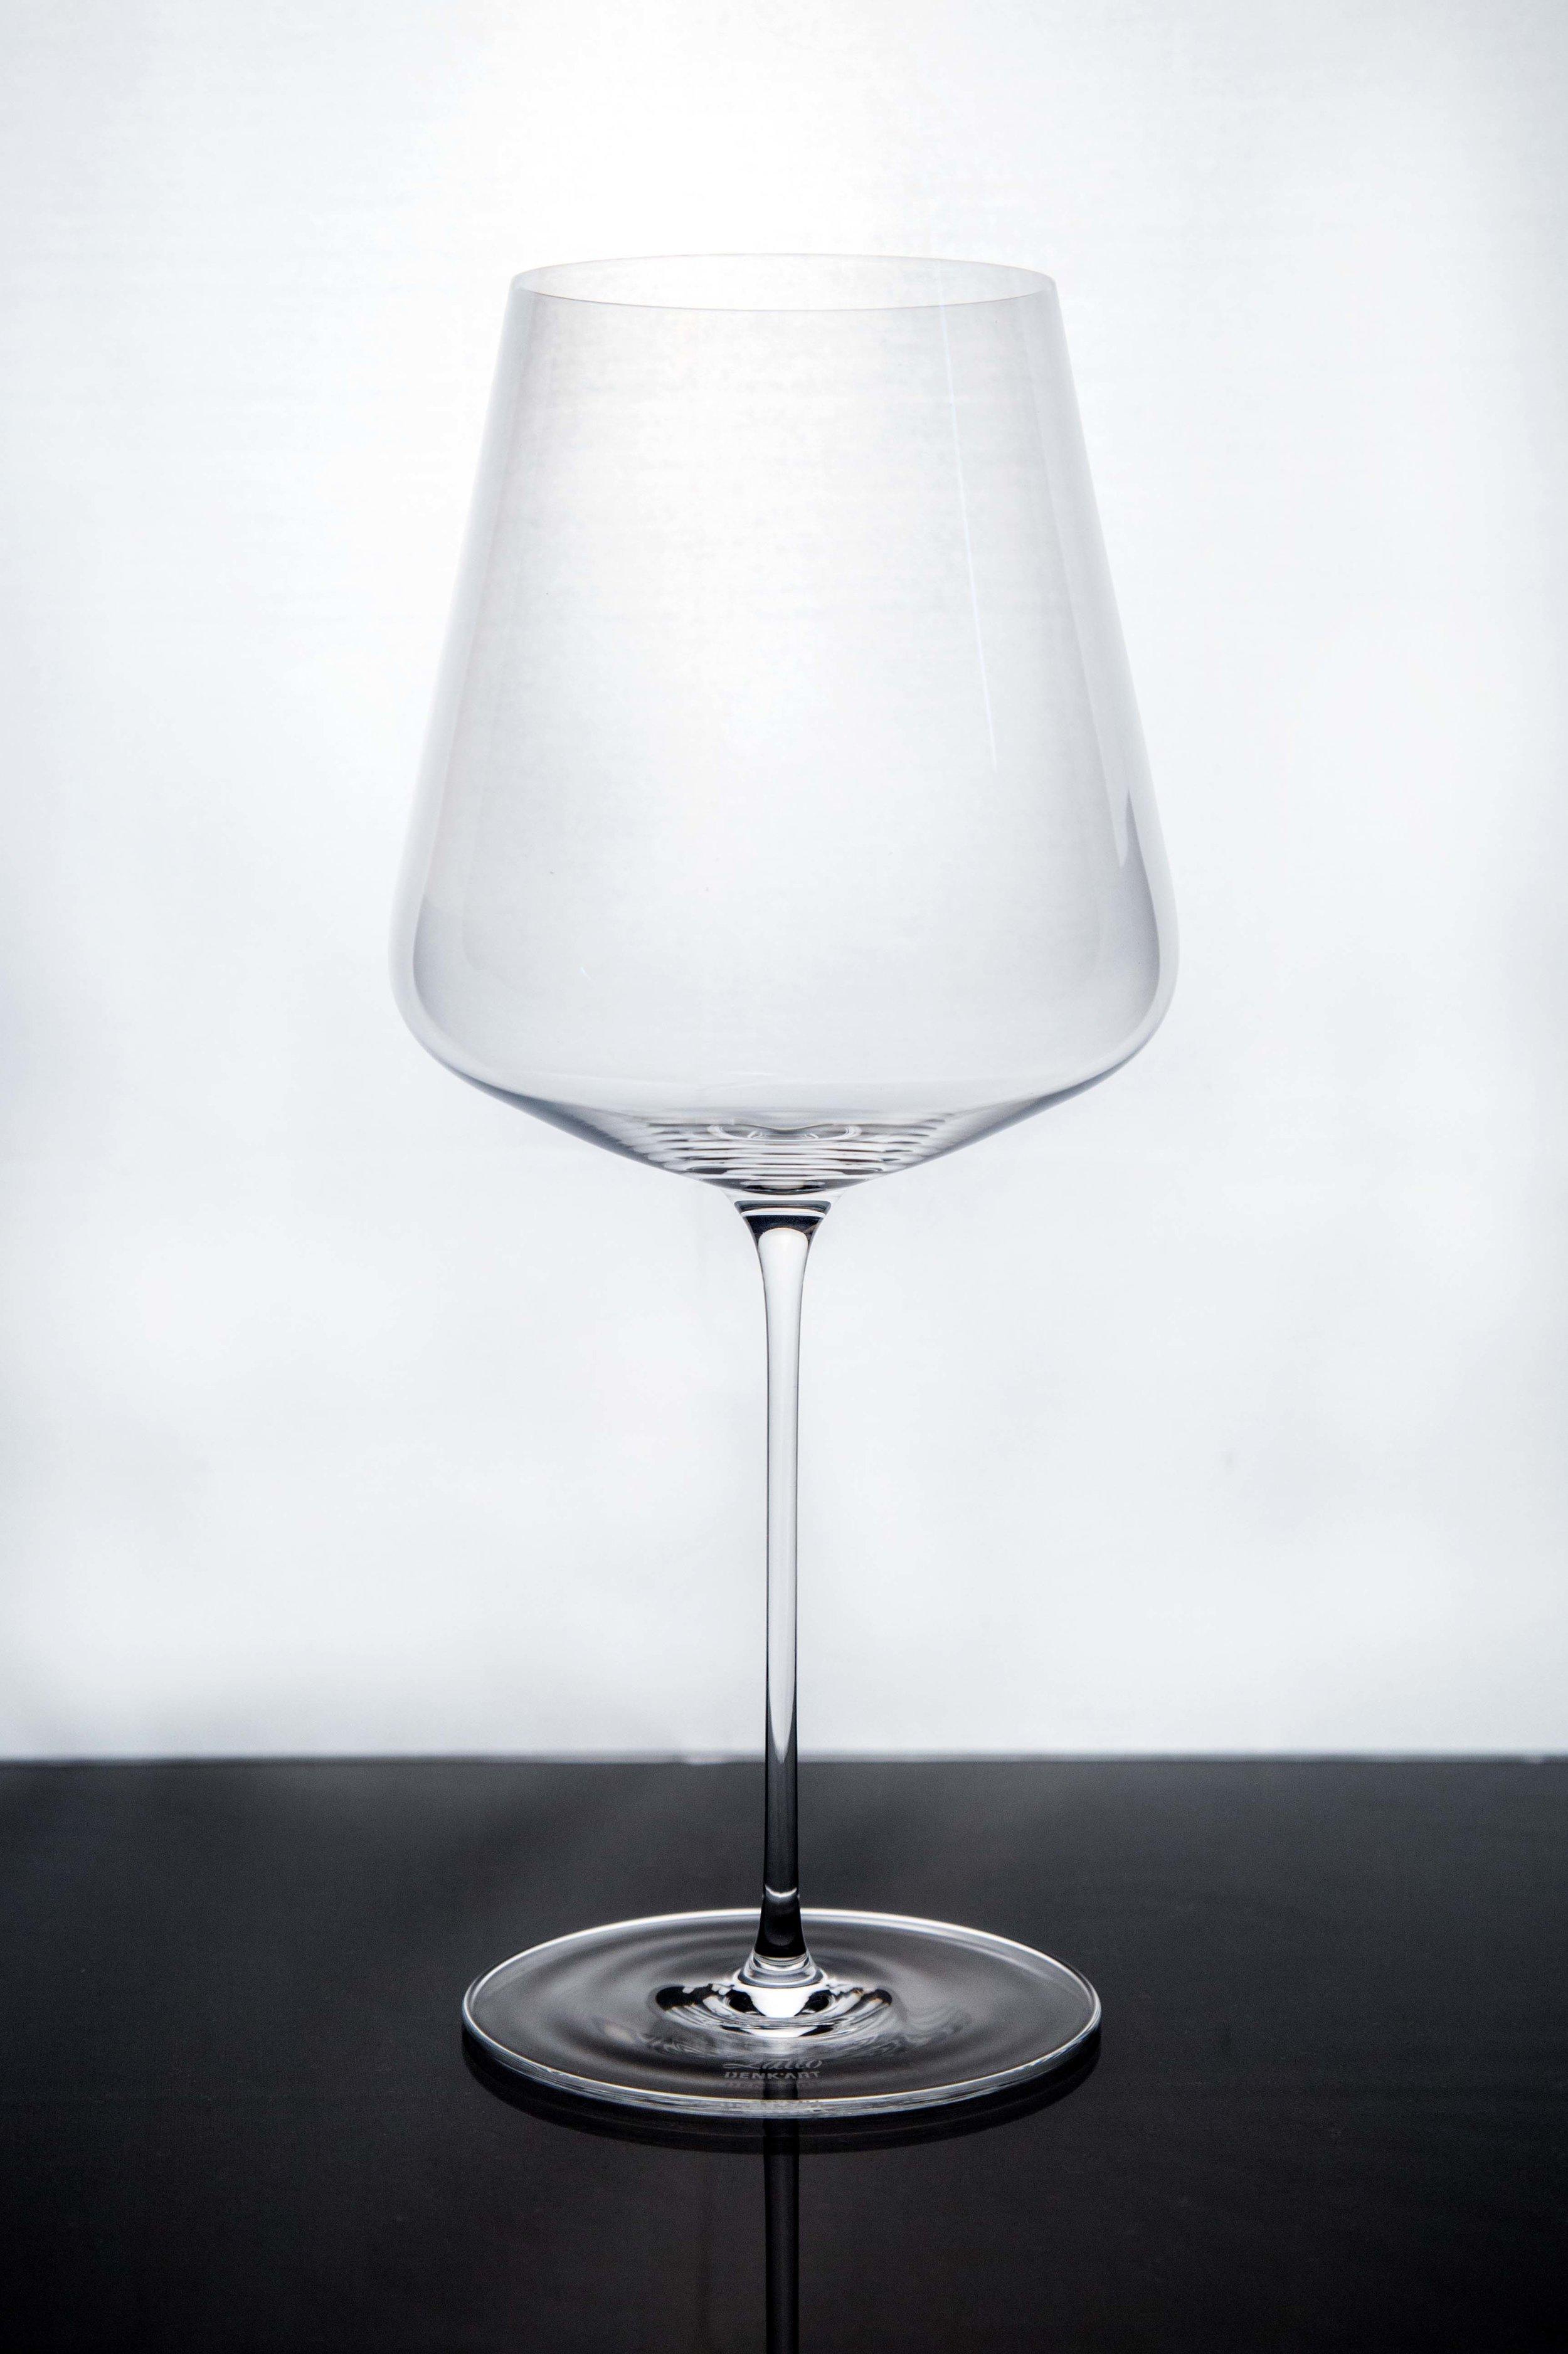 Zalto Bordeaux Glass Web (1).jpg